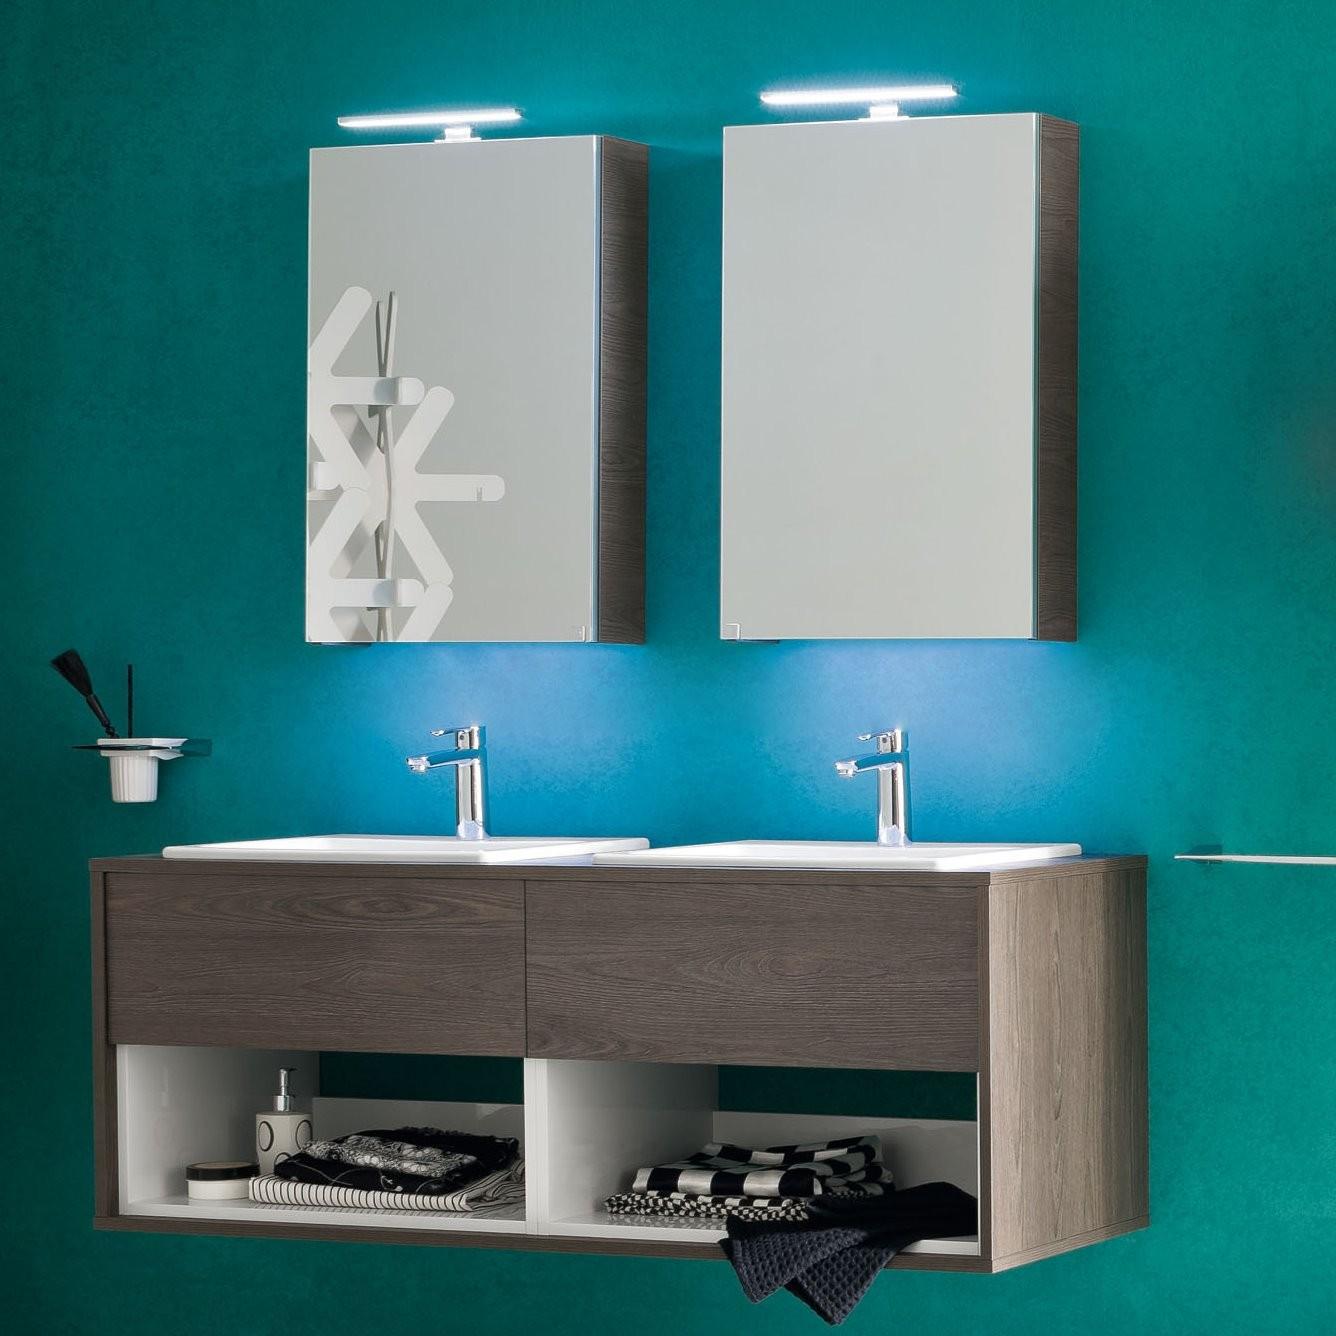 Arredaclick blog il progetto di flavia mobile bagno sospeso con doppio lavabo arredaclick - Due lavandini bagno ...